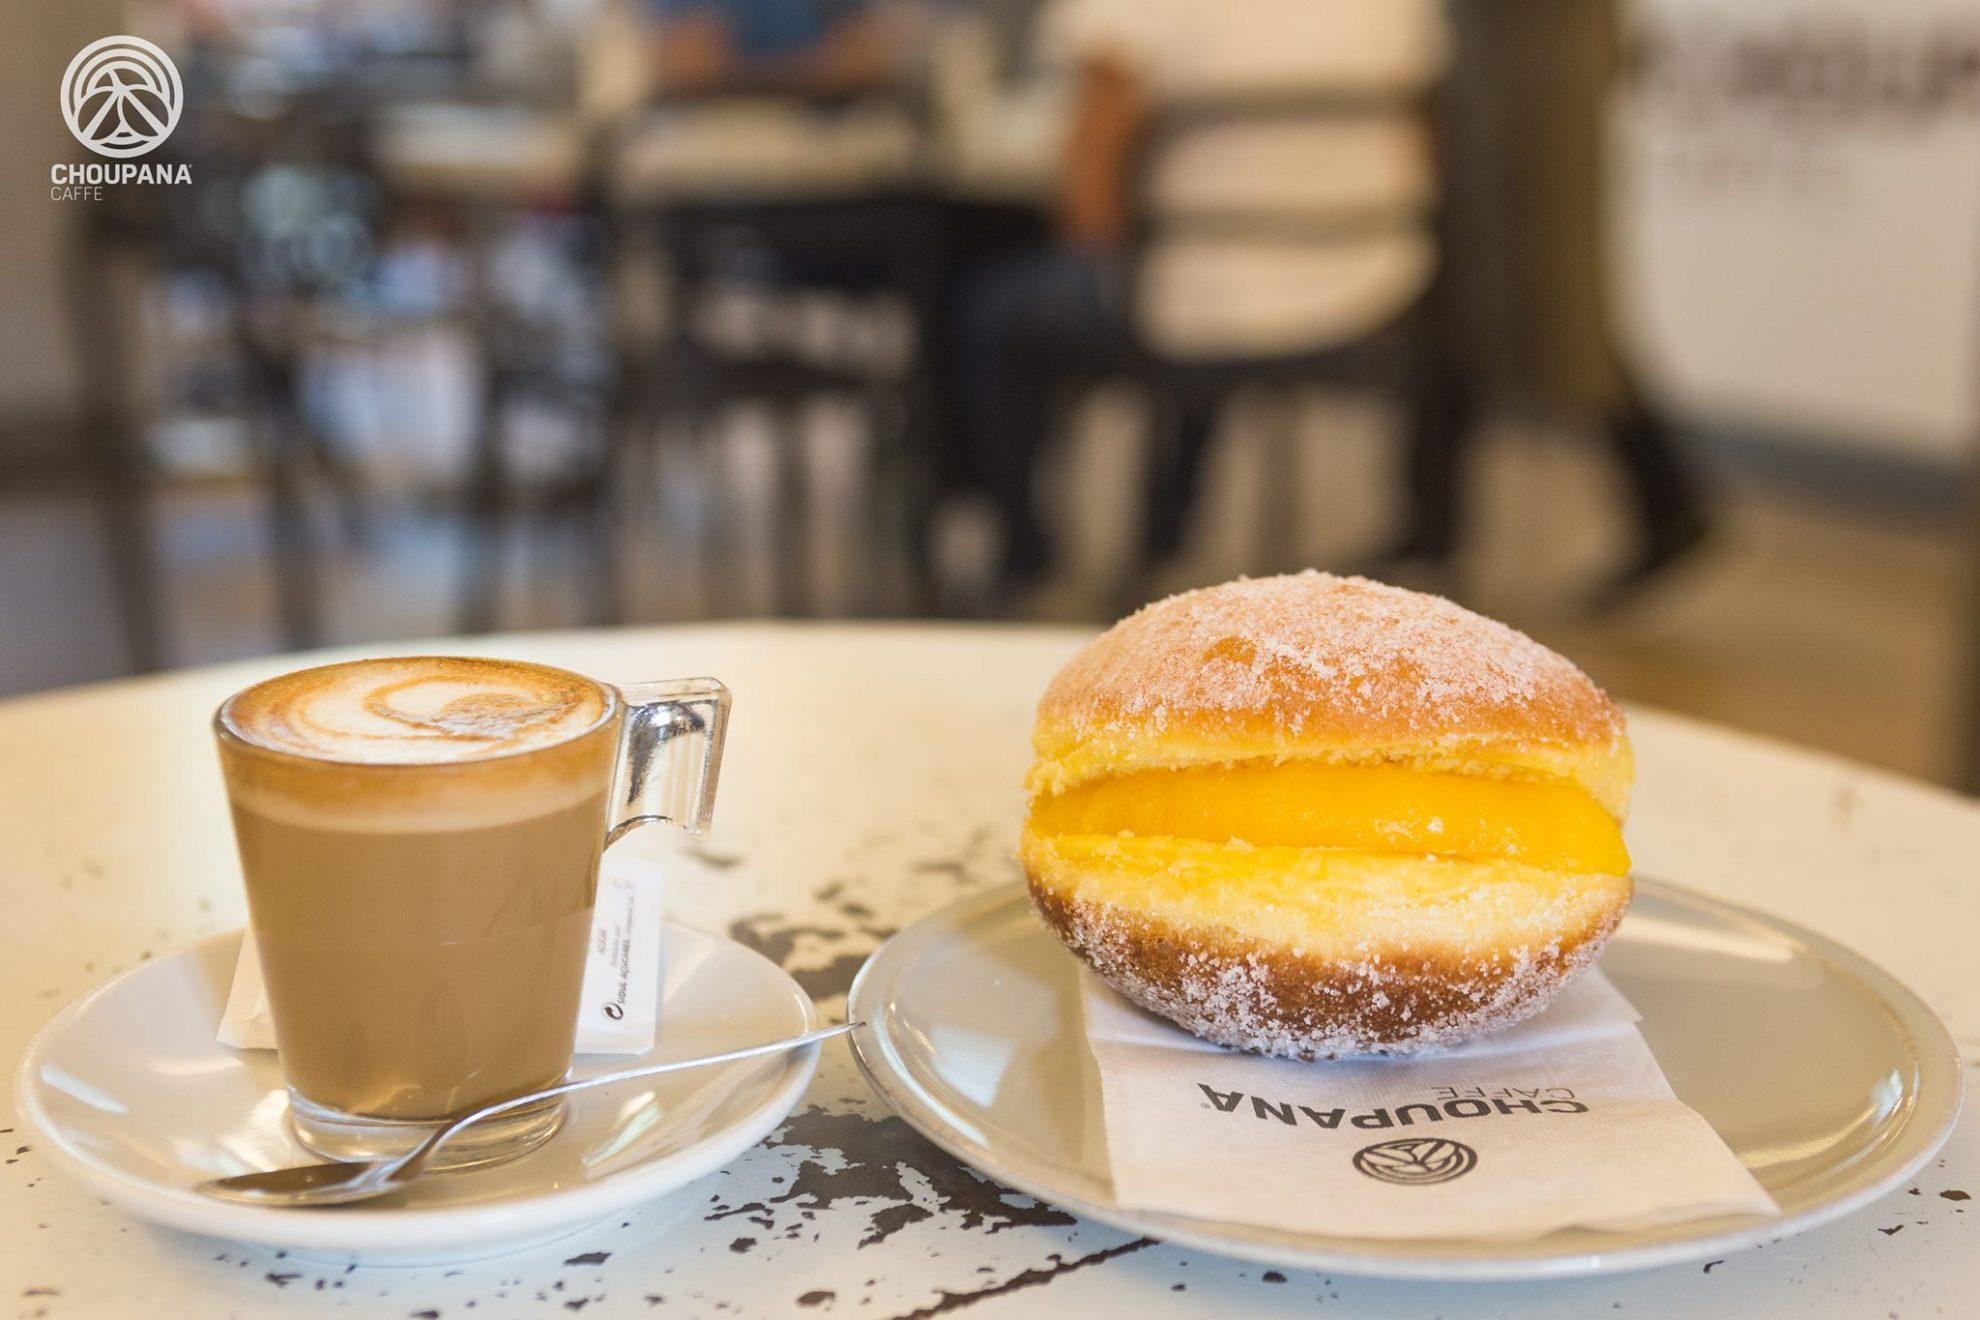 Choupana Caffe - Lisbonne